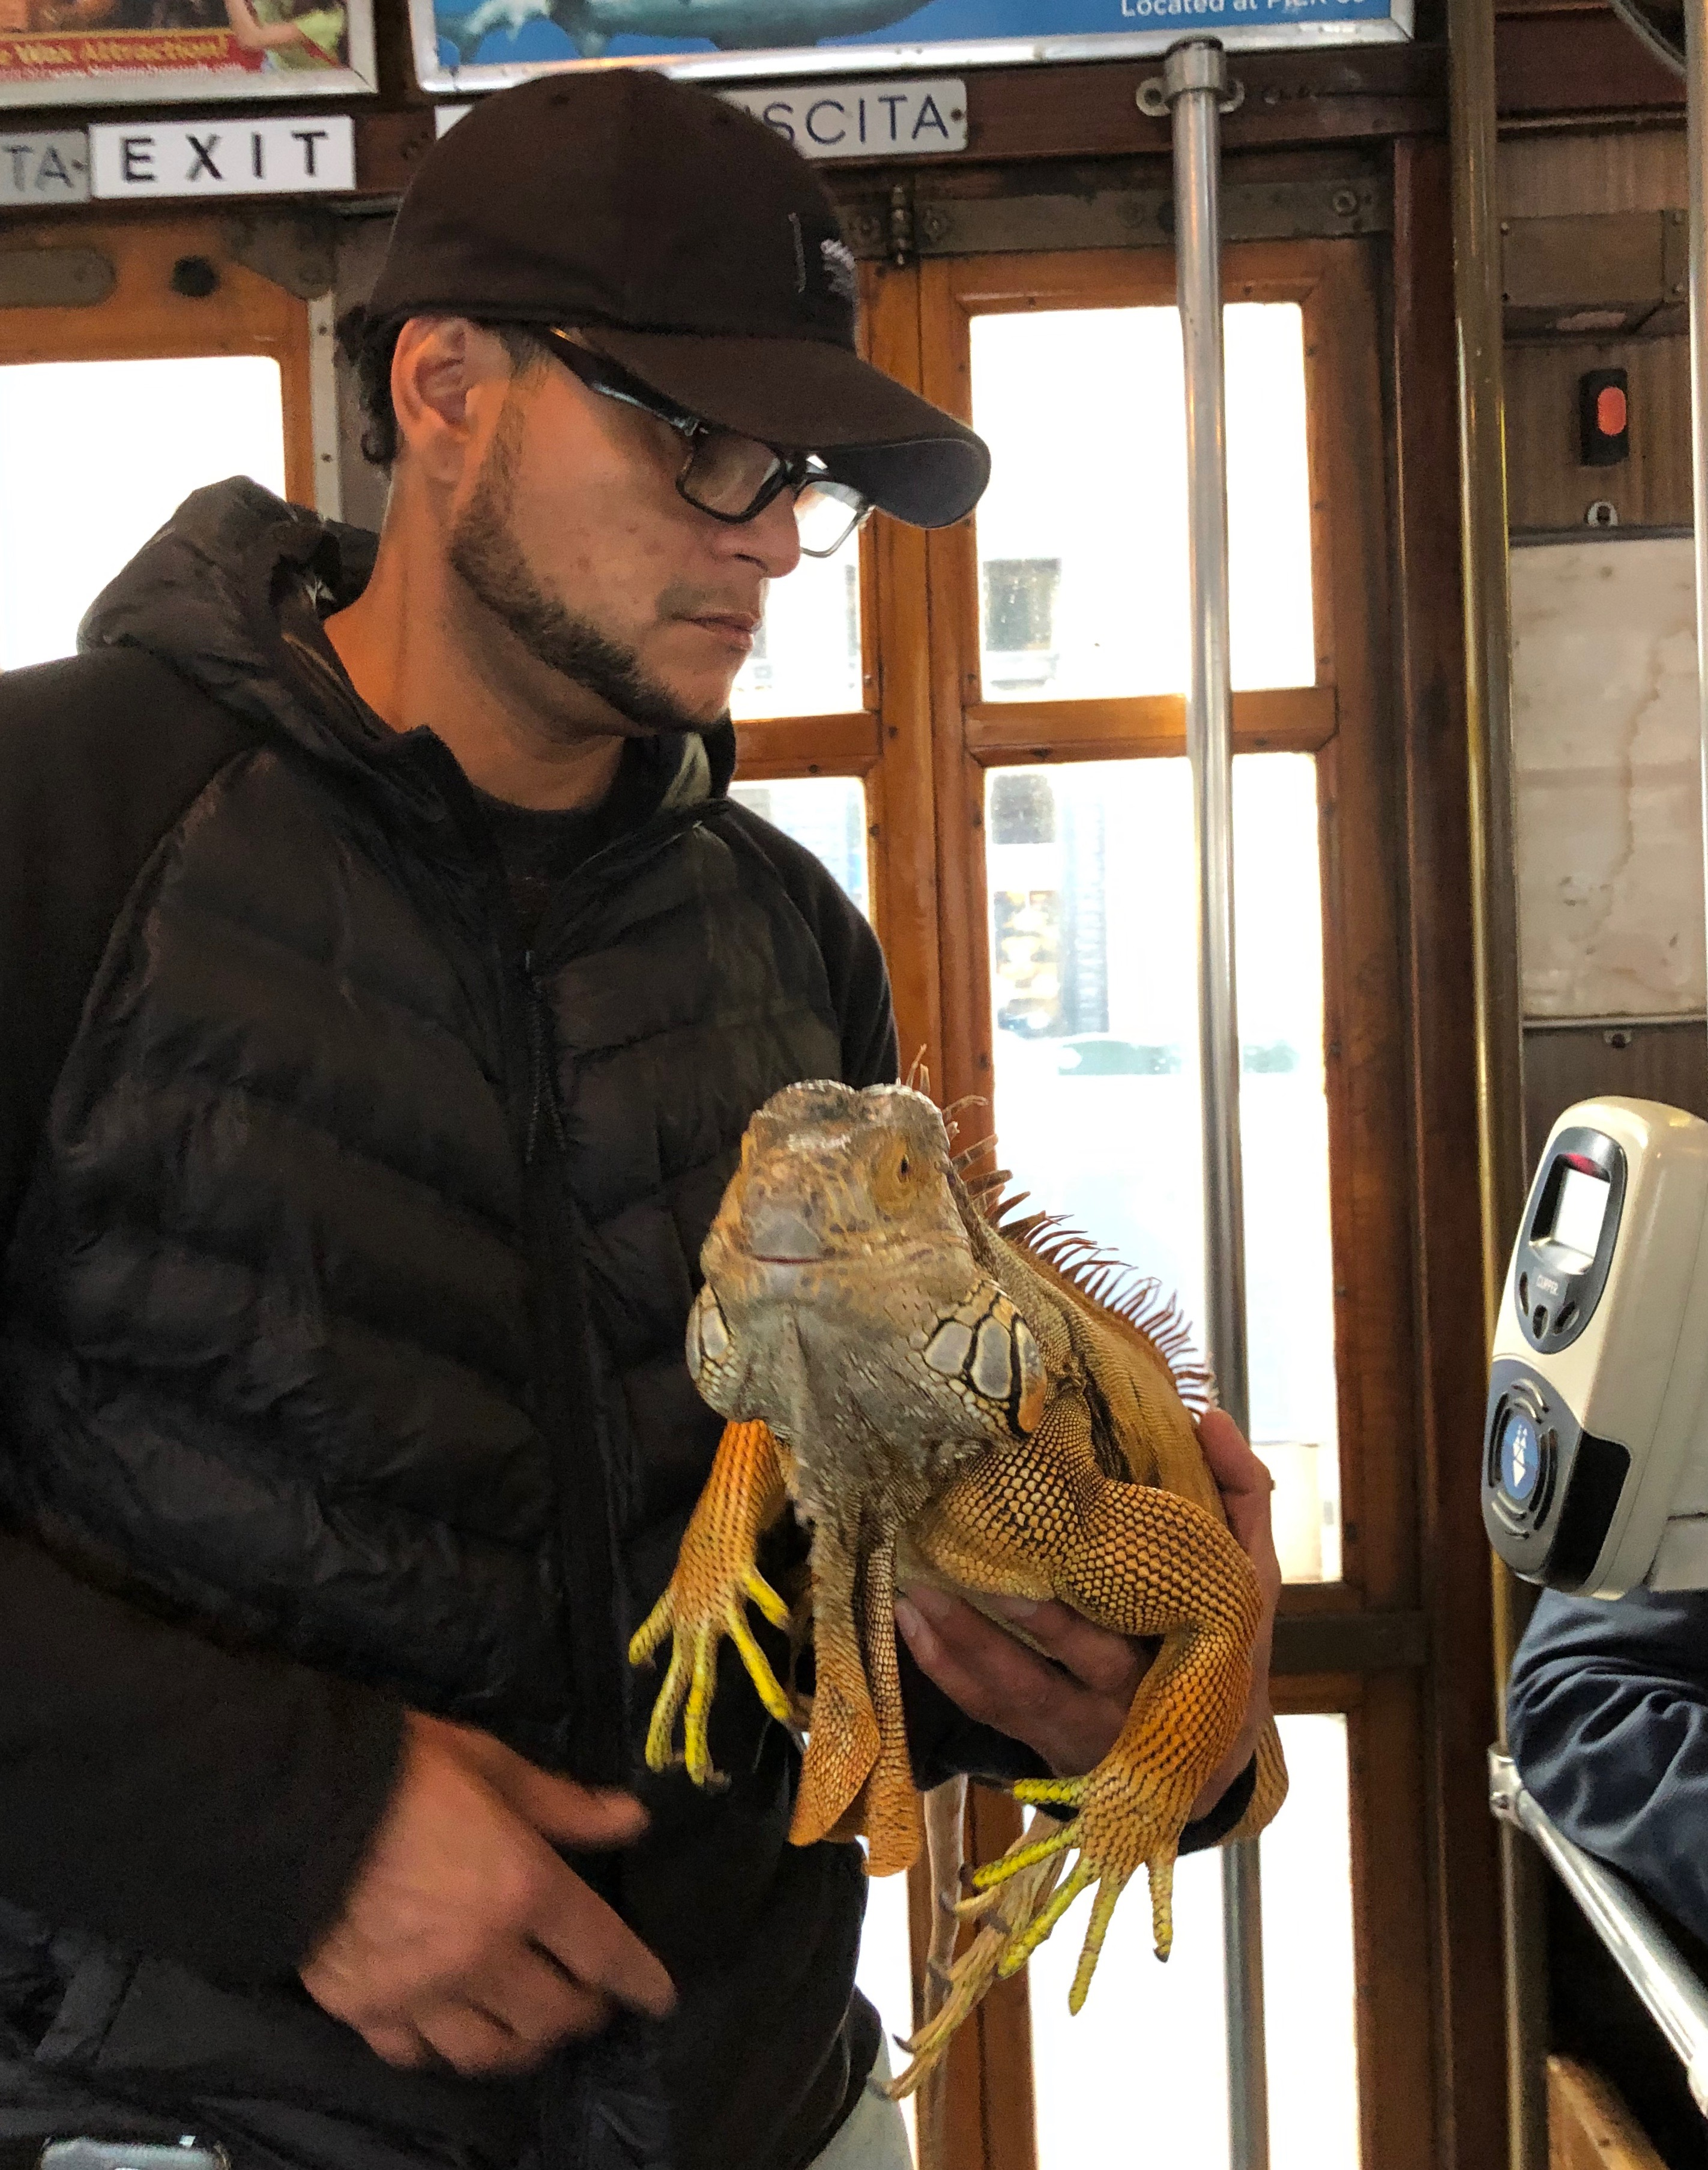 Man Holding Iguana